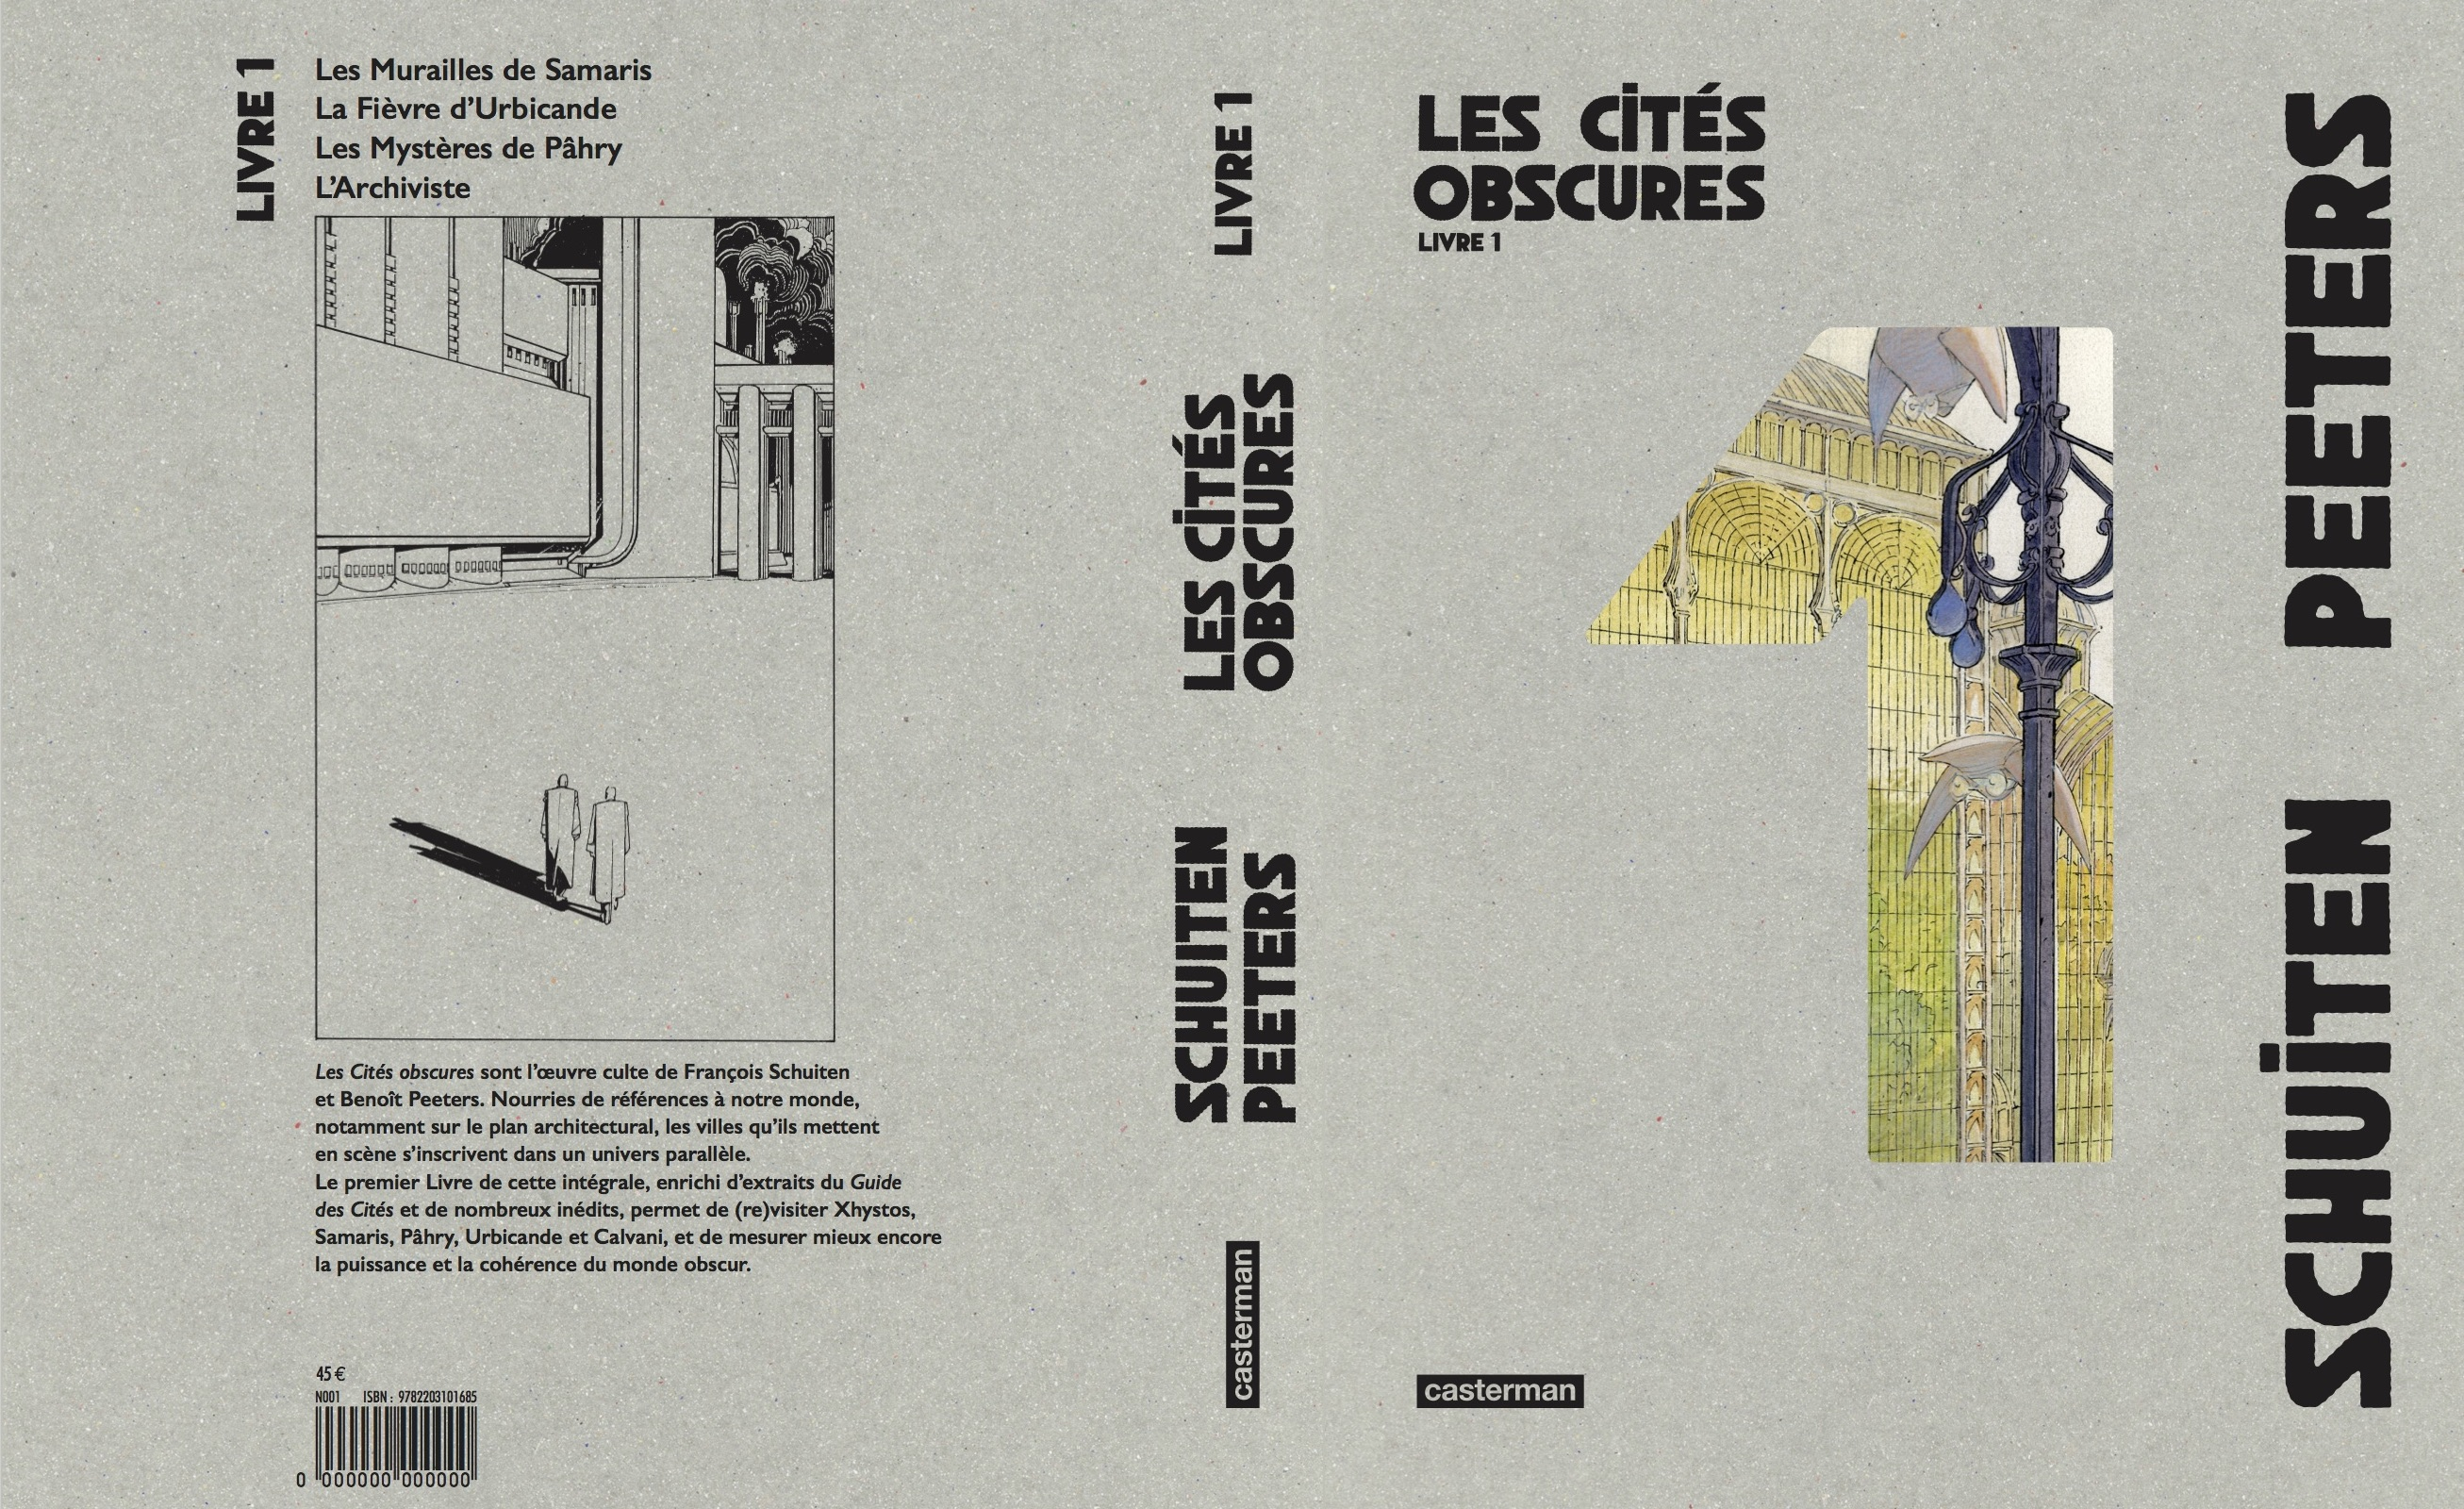 Les Cités obscures Livre 1 by François Schuiten and Benoît Peeters